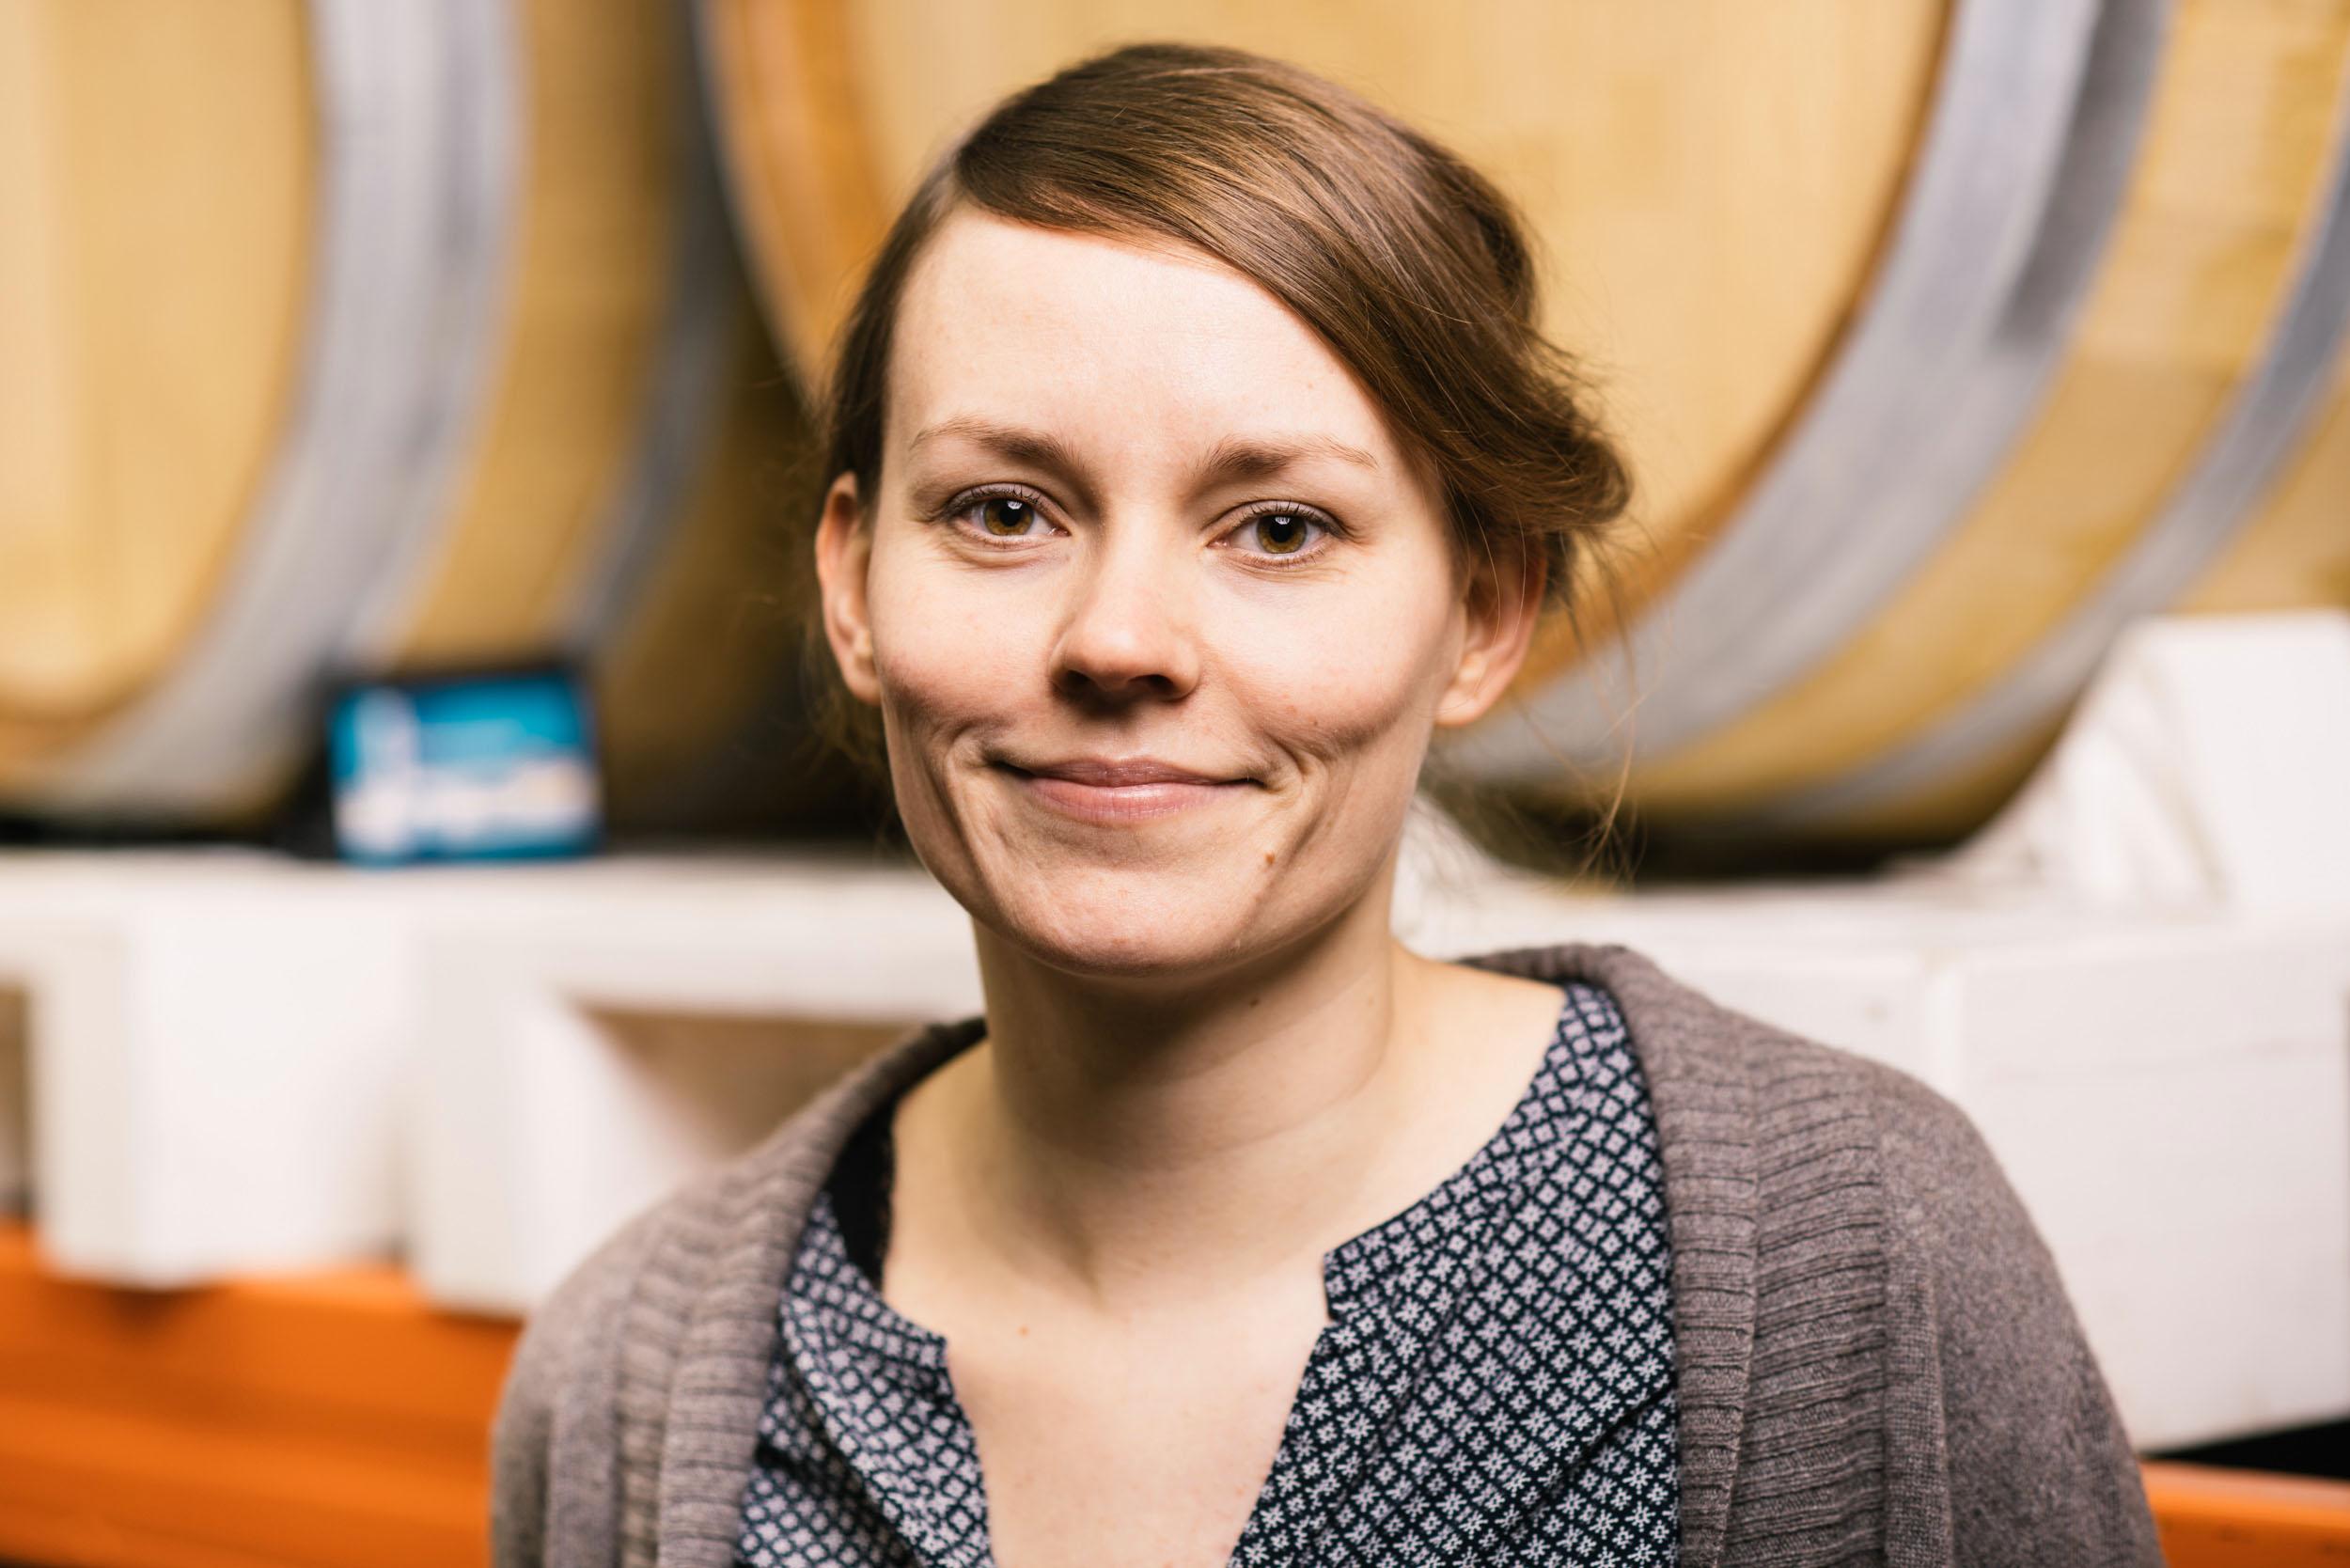 Melanie Haupt